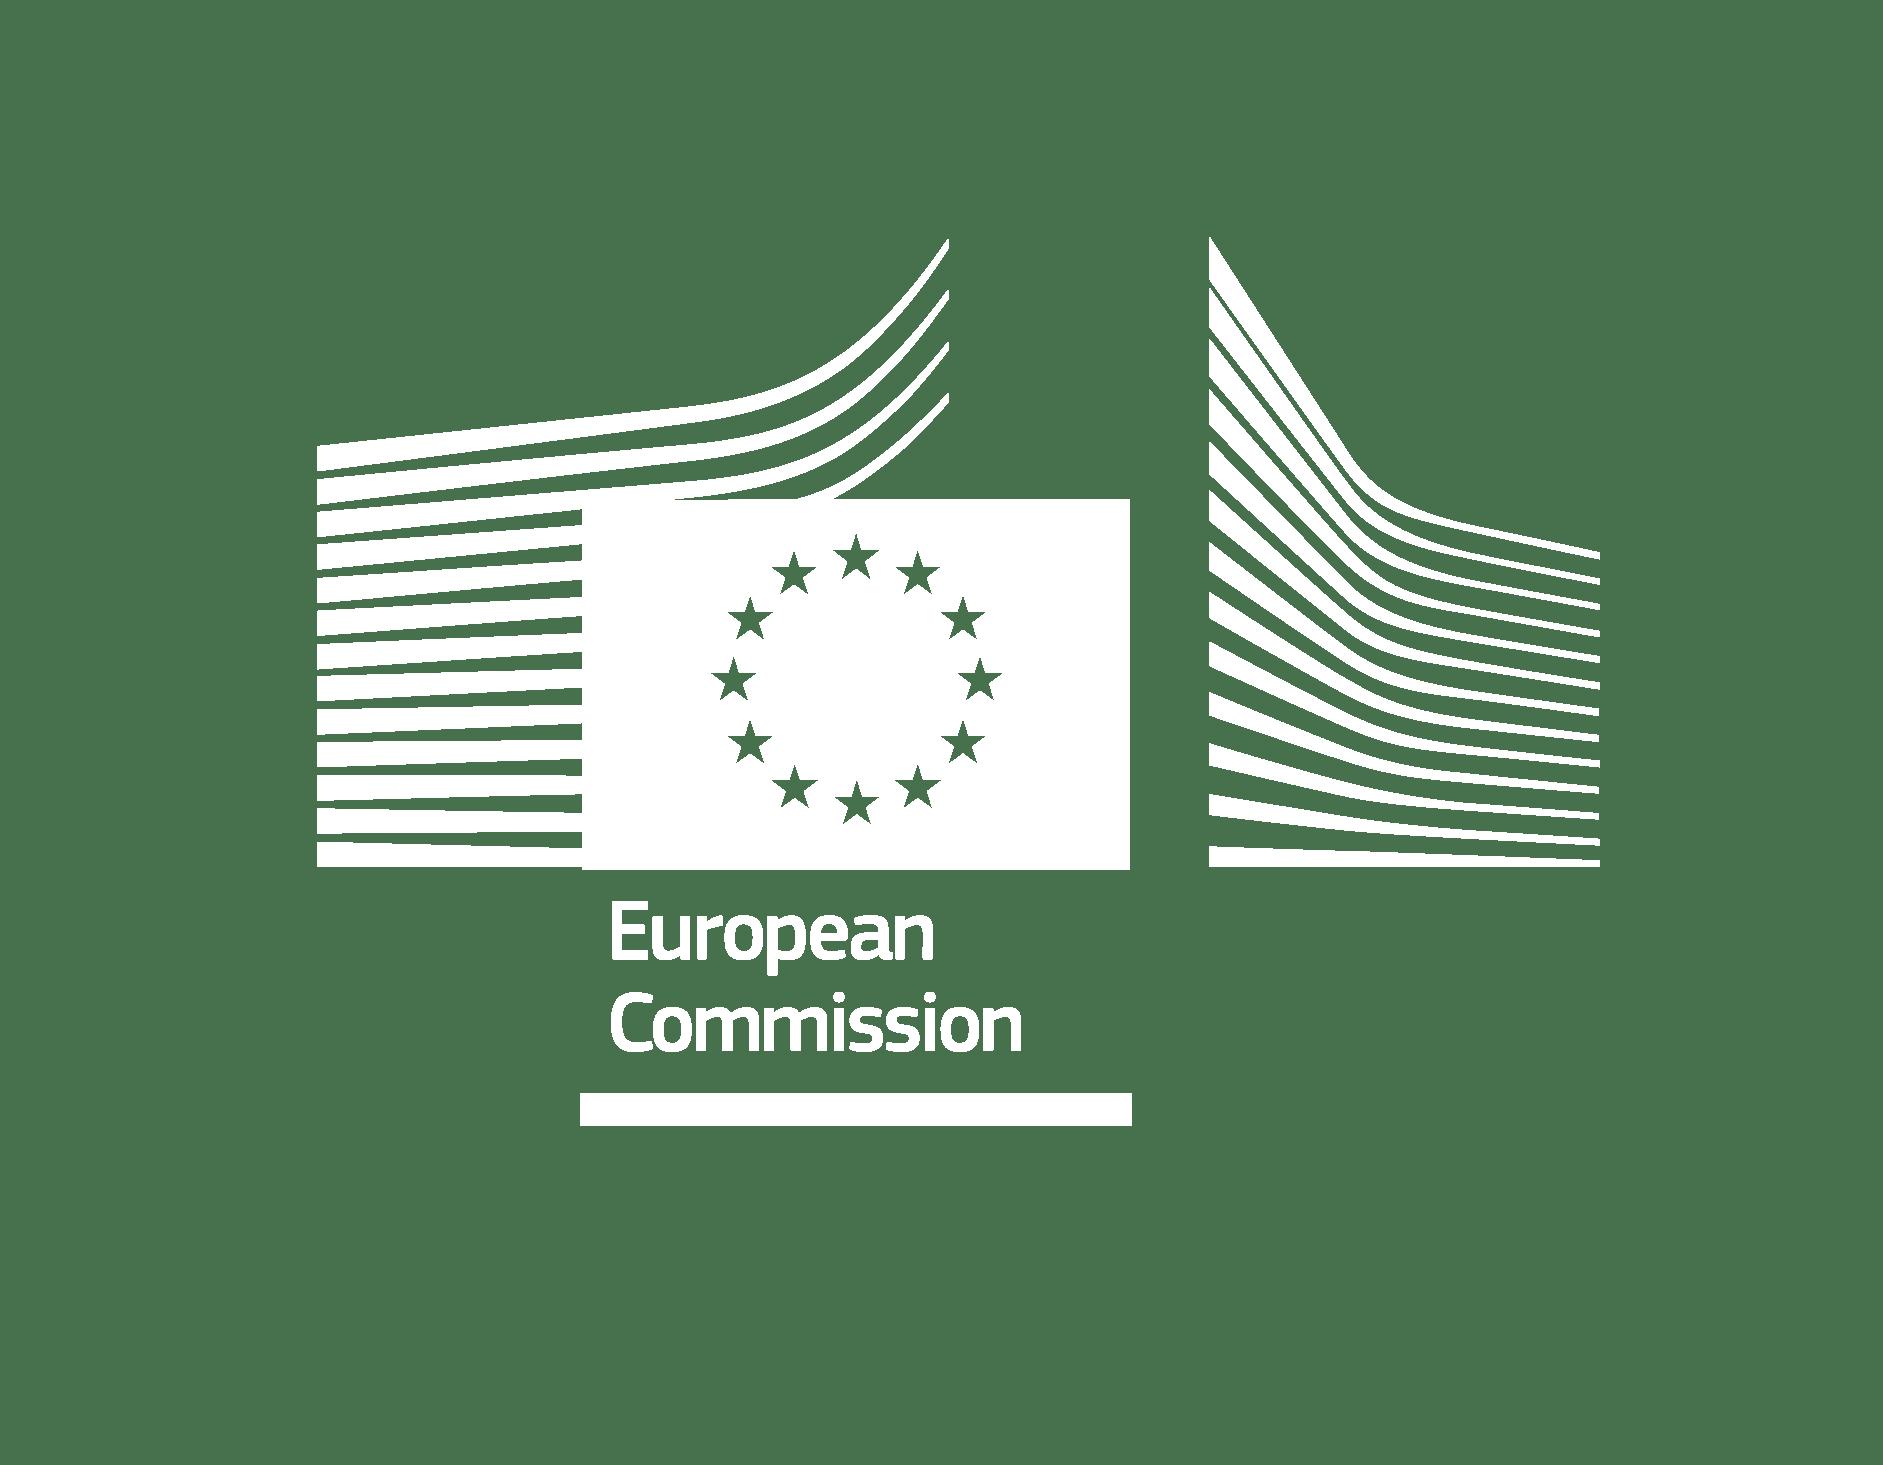 Copernicus Programme (EU Space)